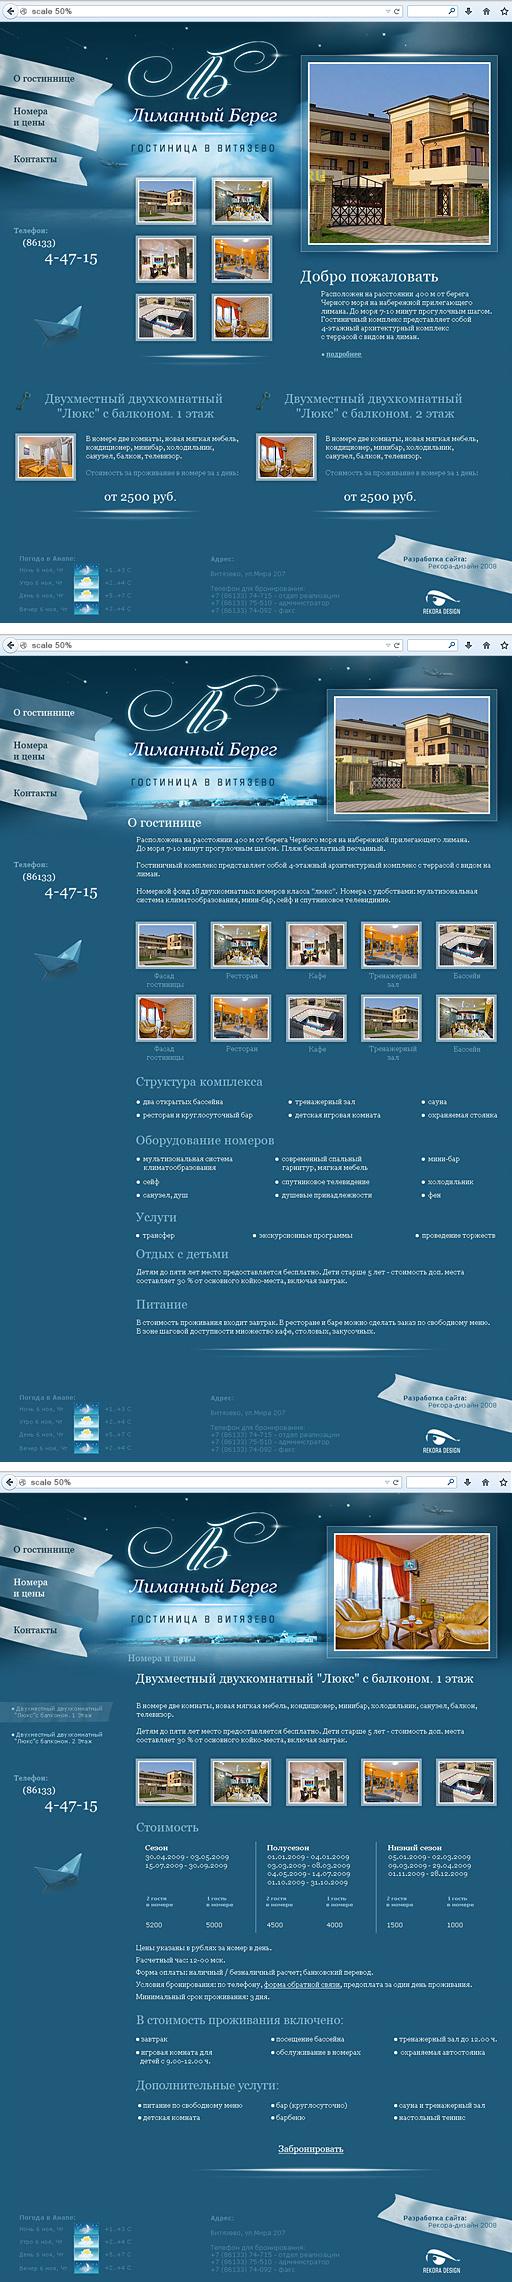 2008 - «Лиманный берег» - отель в Анапе, пос. Витязево